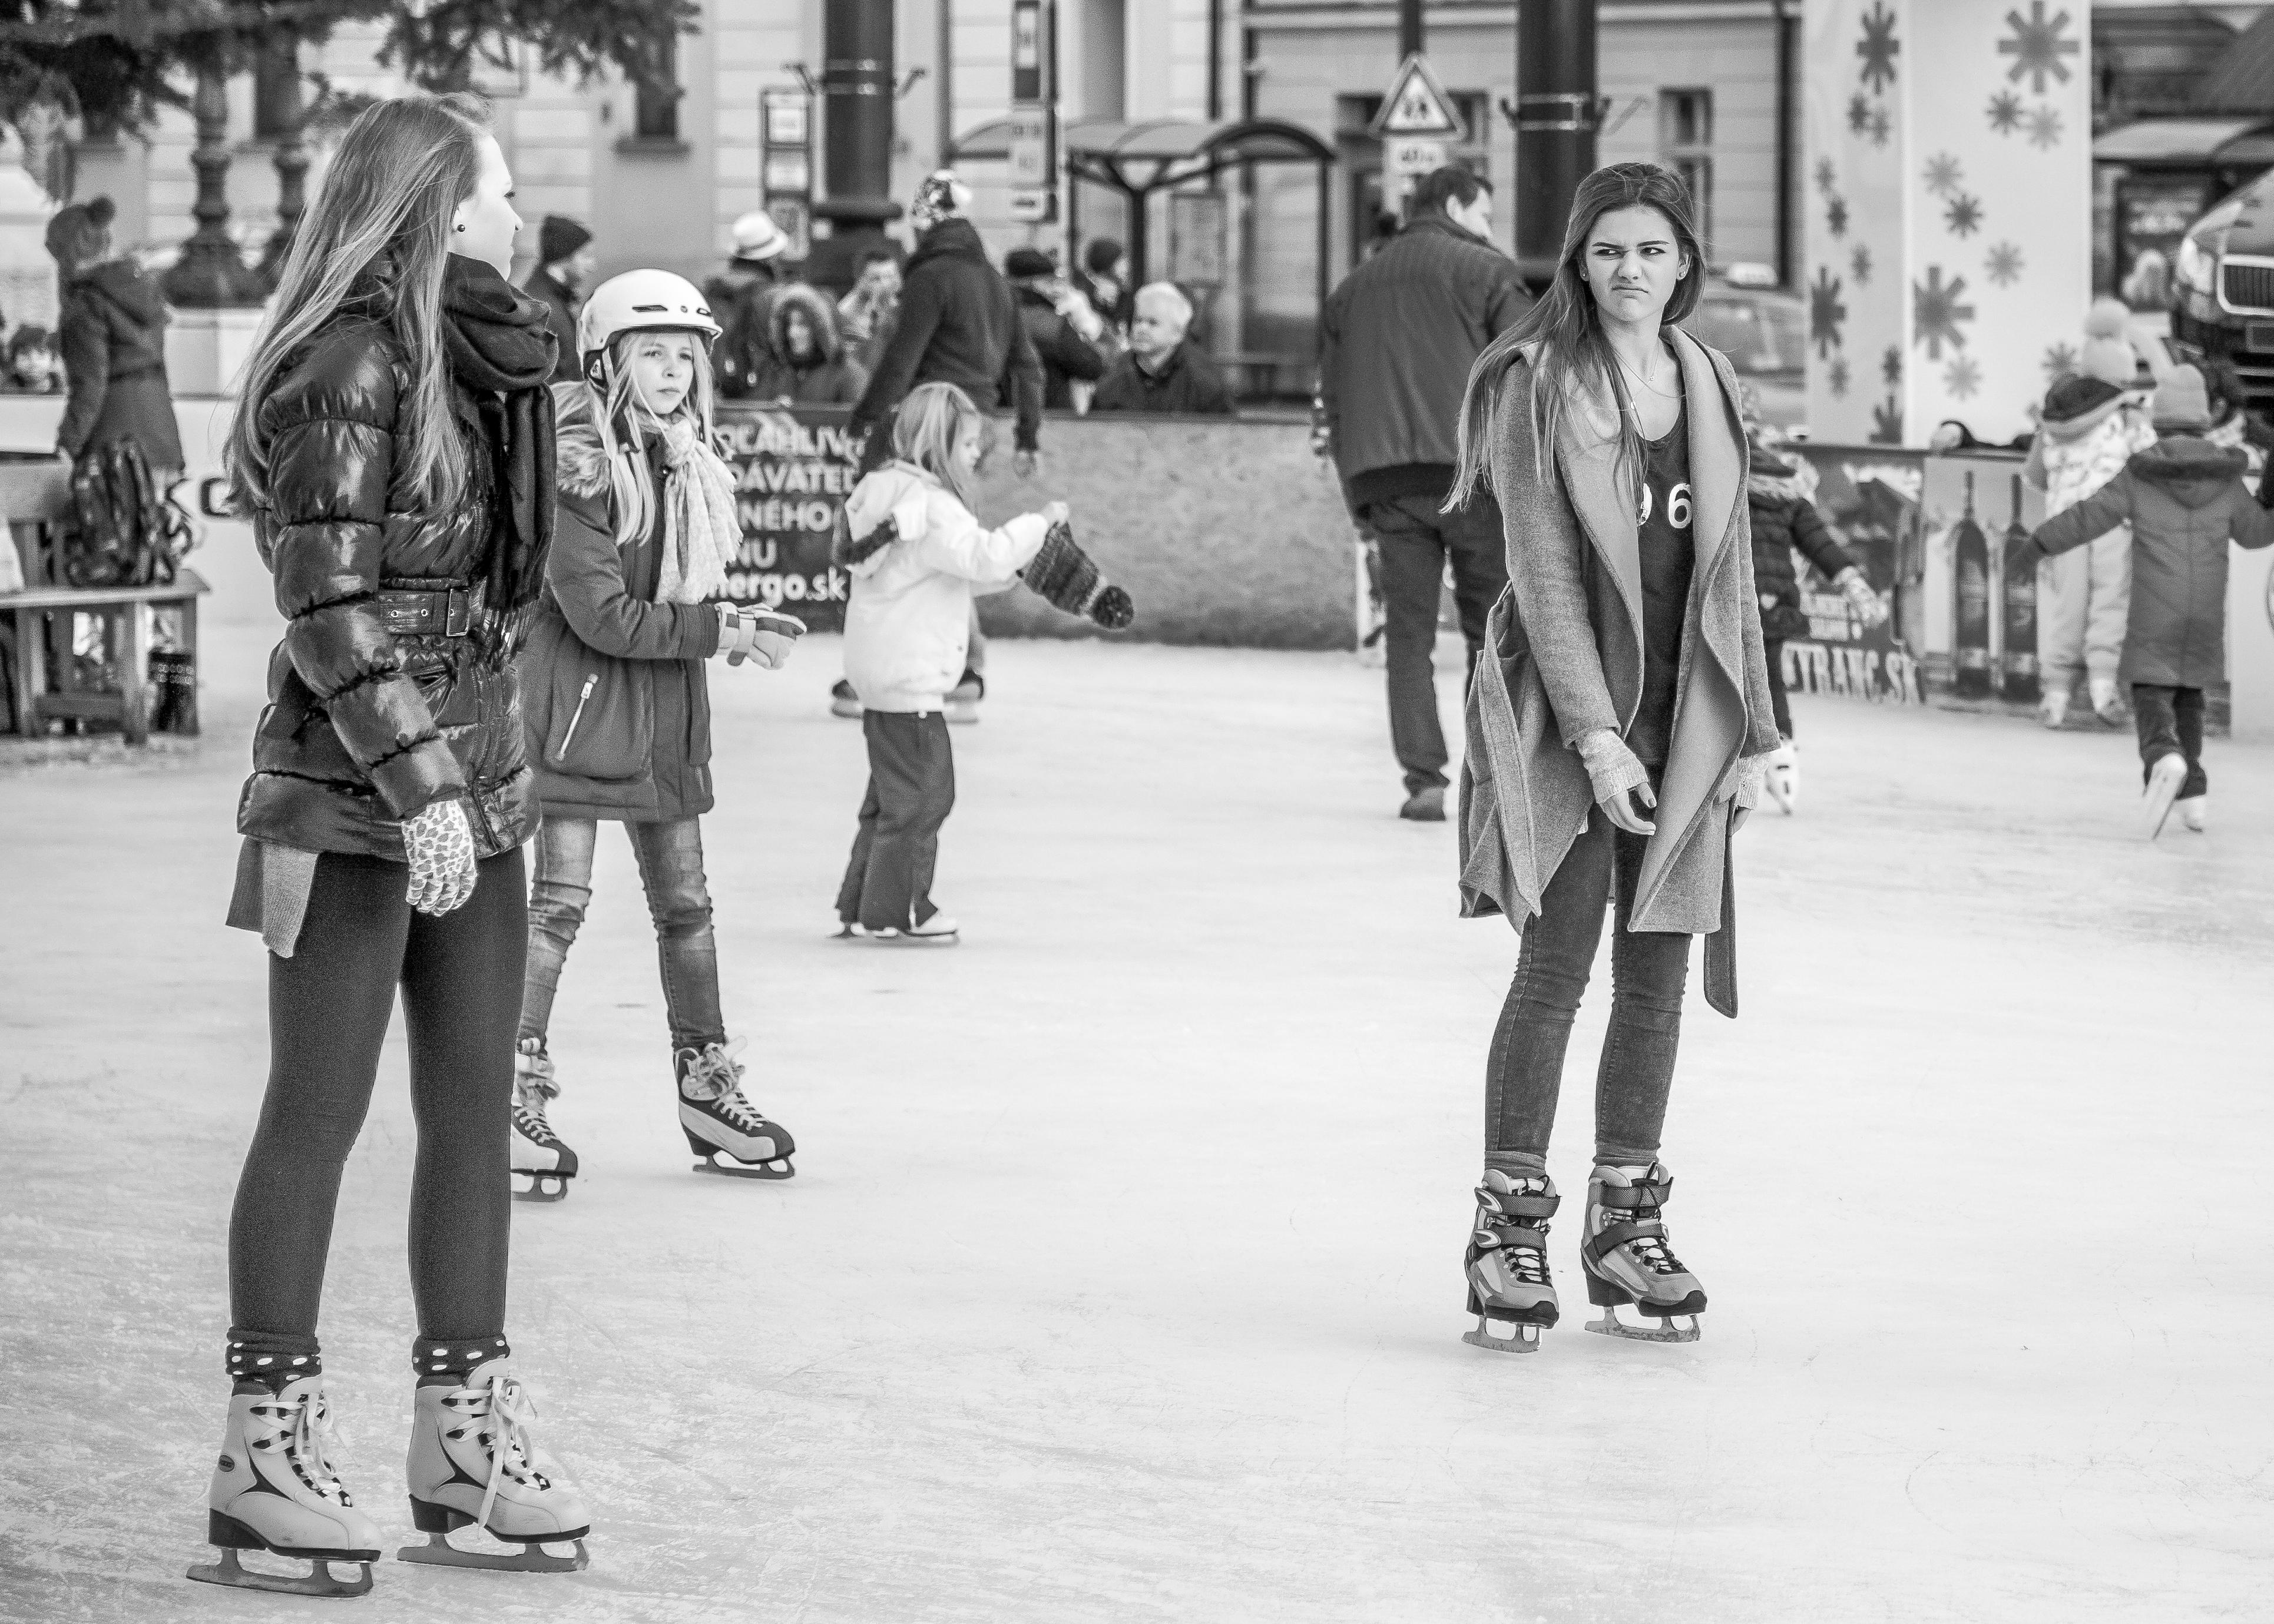 Skating photo